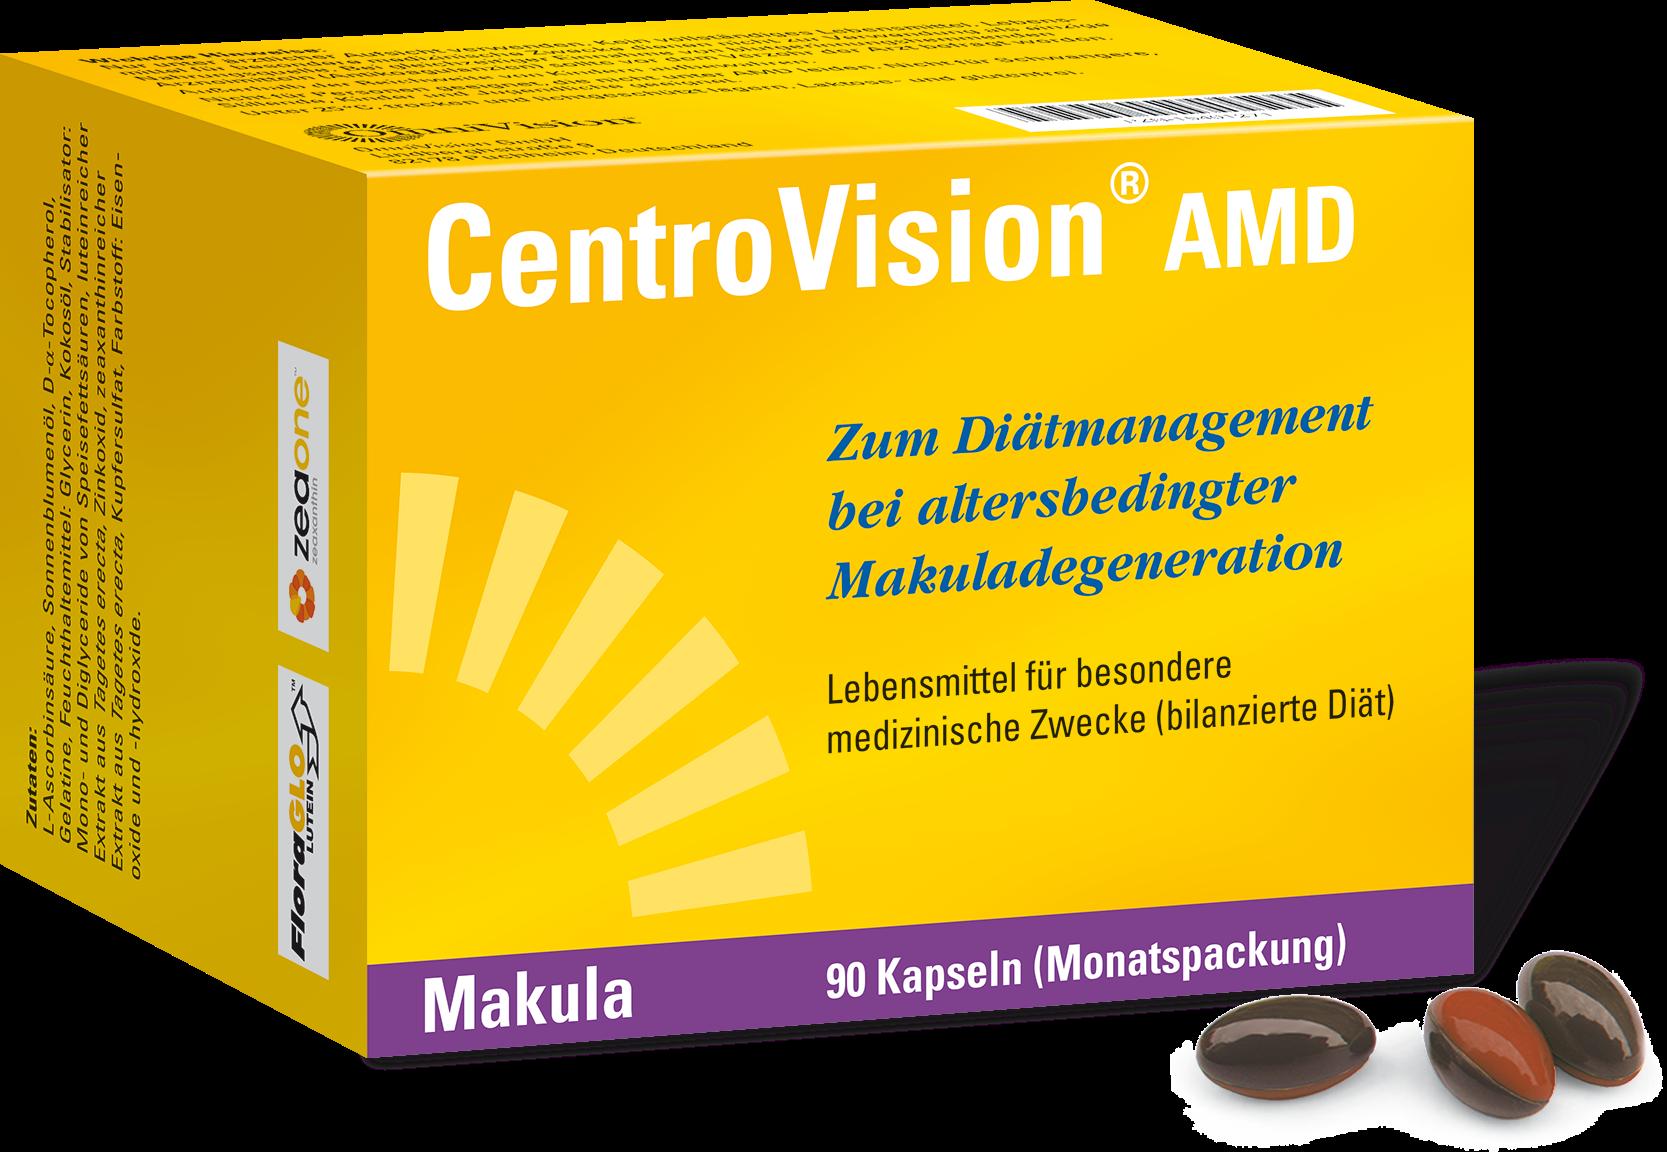 CentroVisionu00ae AMD - 90 Stu00fcck